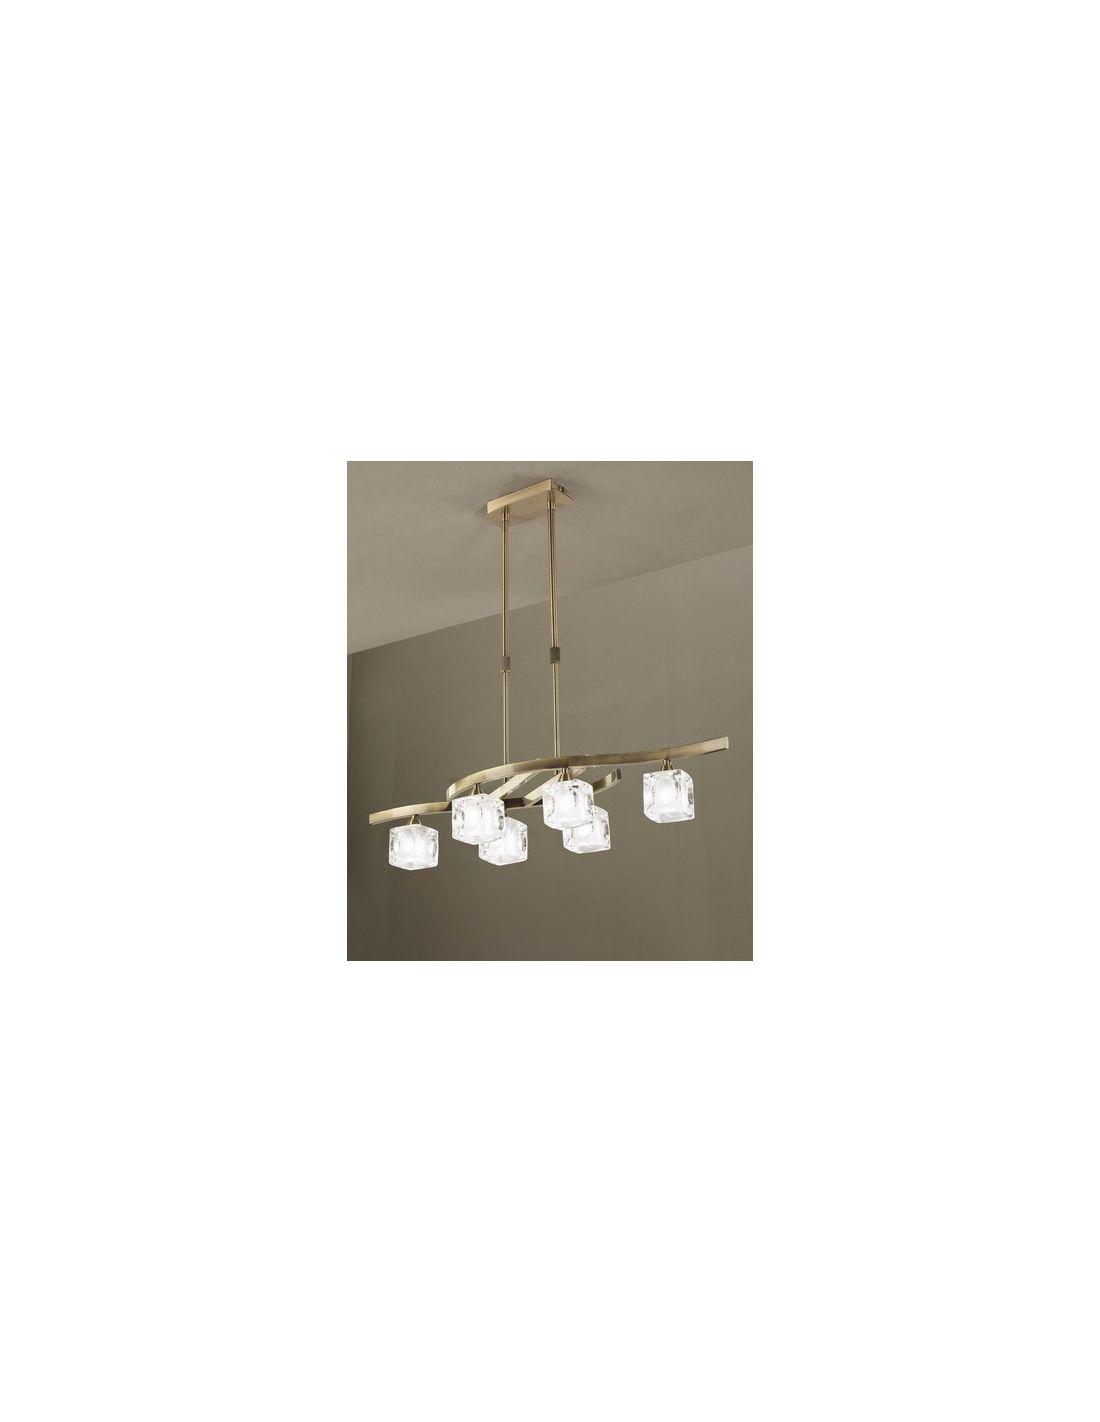 Tienda de lamparas lamparas en sevilla lamparas niquel - Lamparas para techo ...